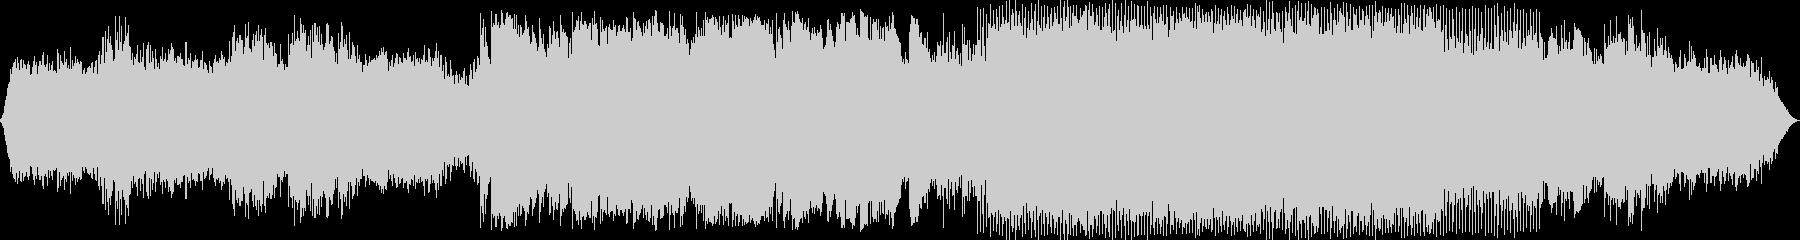 エレクトロニック 説明的 静か ク...の未再生の波形